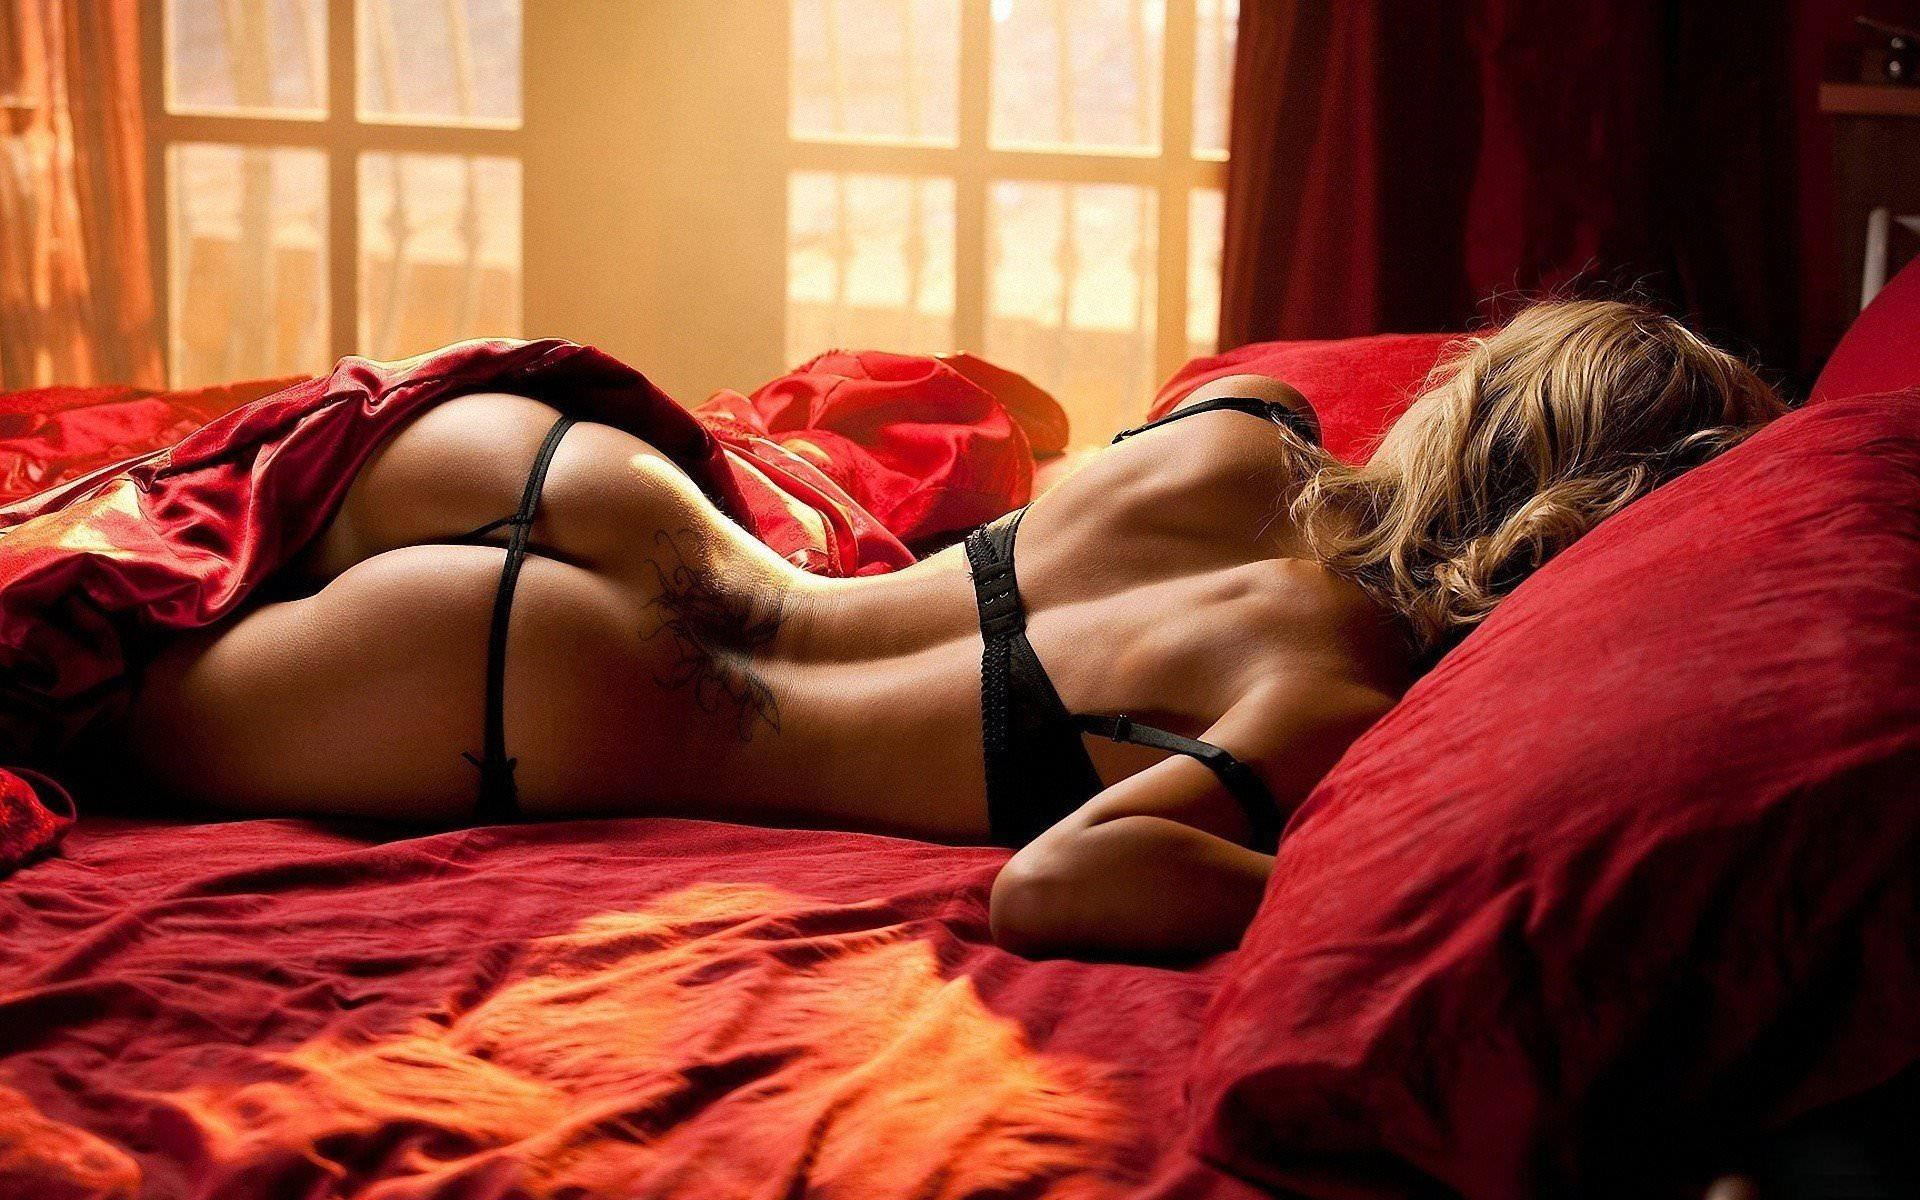 Телки в стрингах спящие порно фото 1 фотография